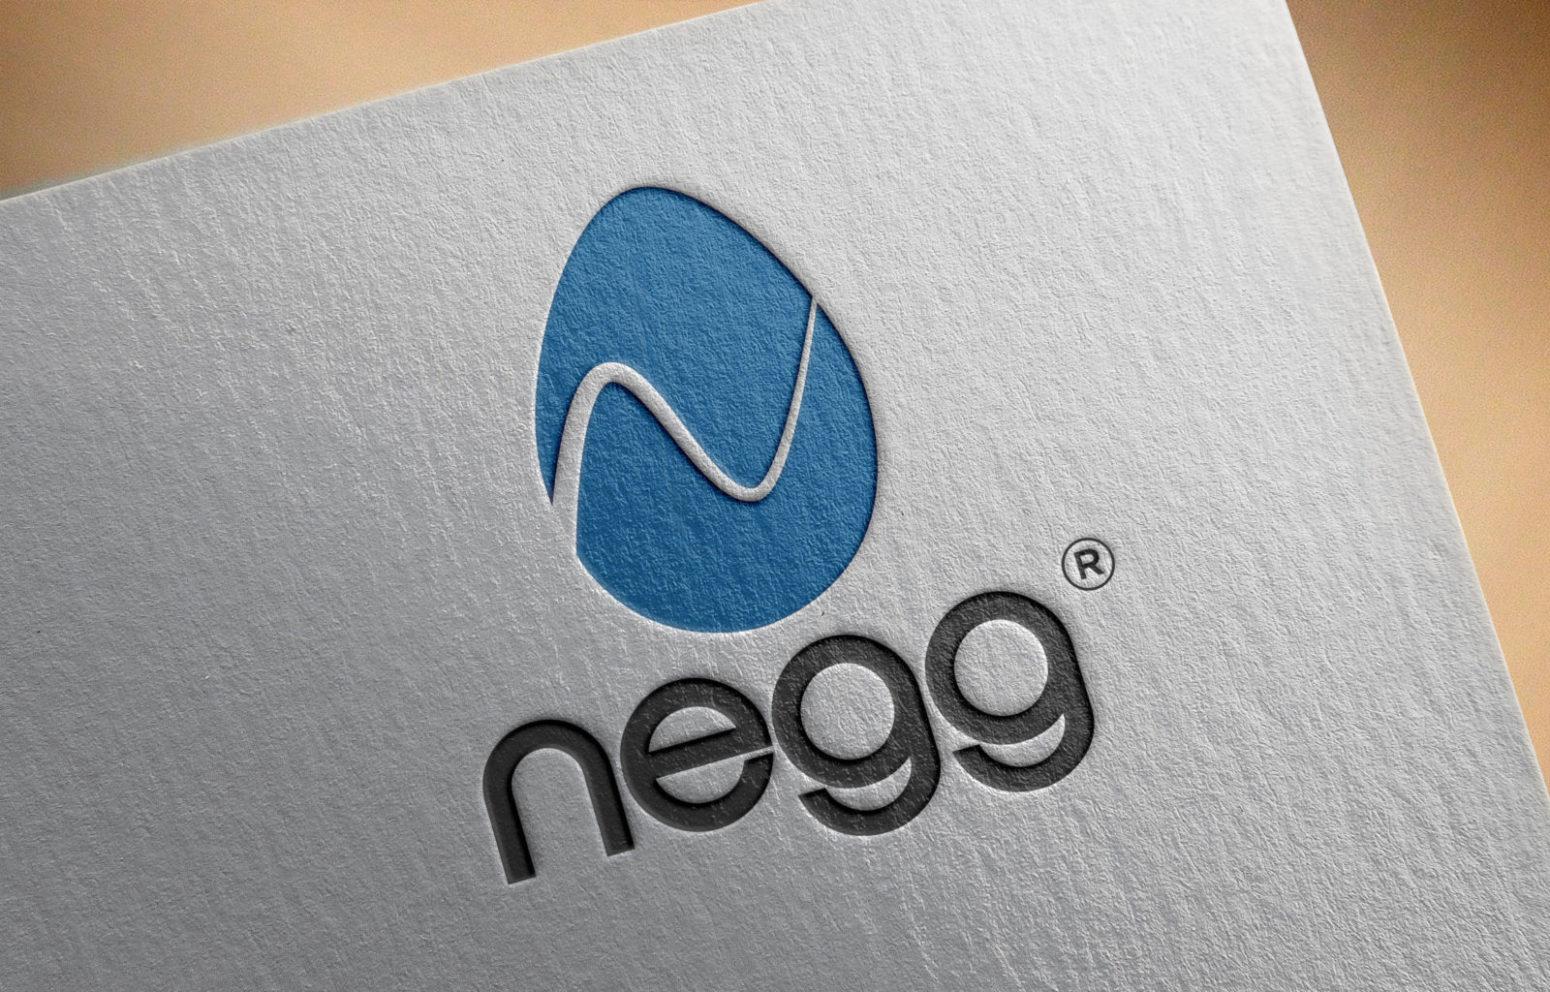 Negg logo